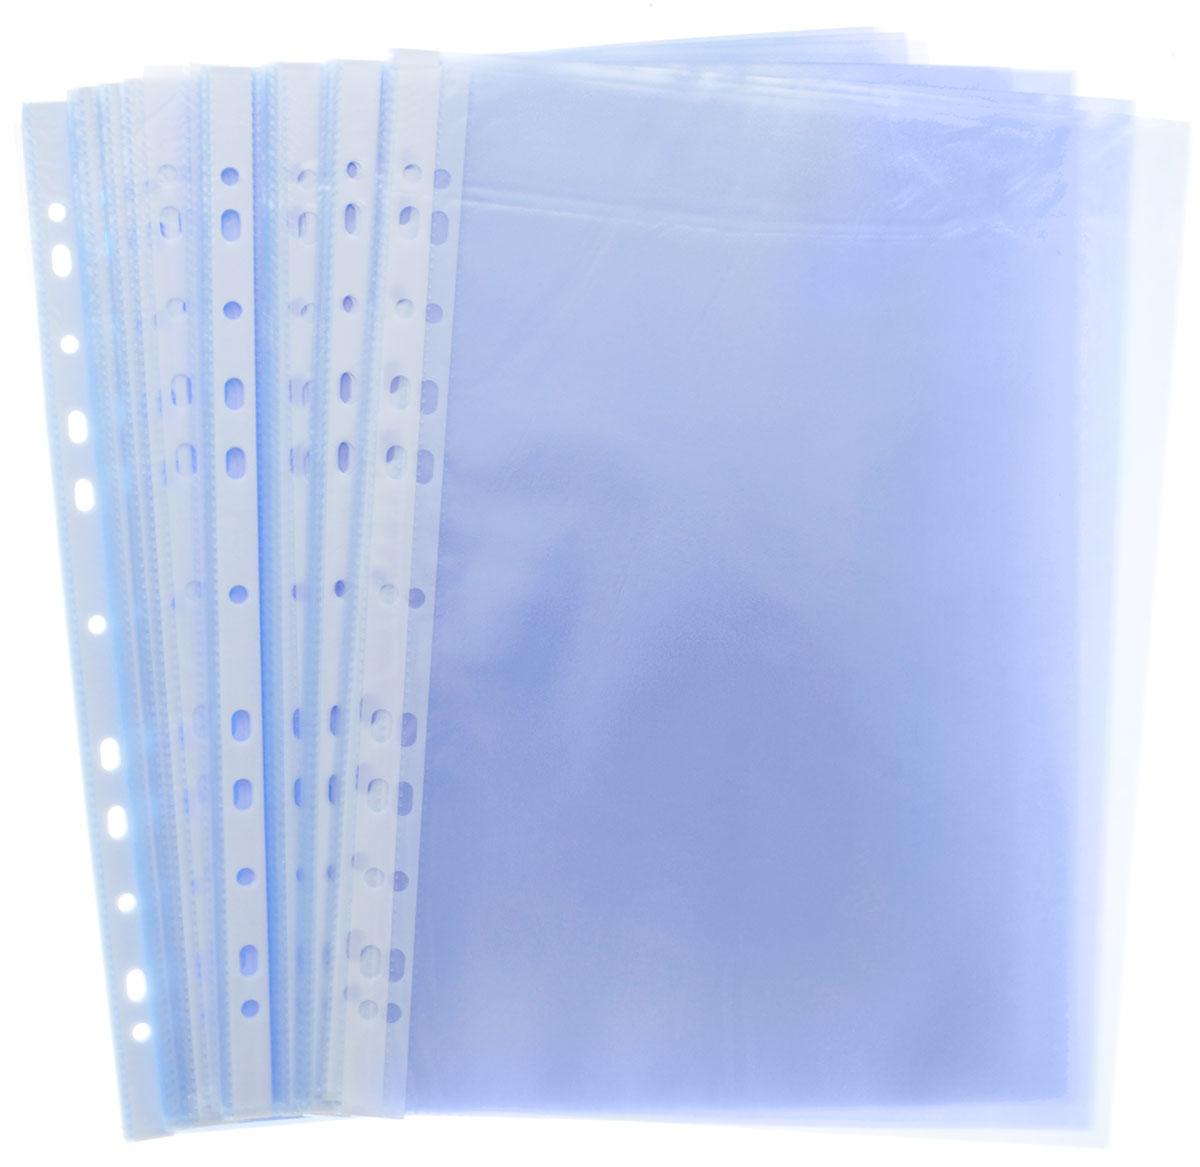 Erich Krause Файл-вкладыш Clear Standard 100 шт цвет голубой -  Файлы и разделители